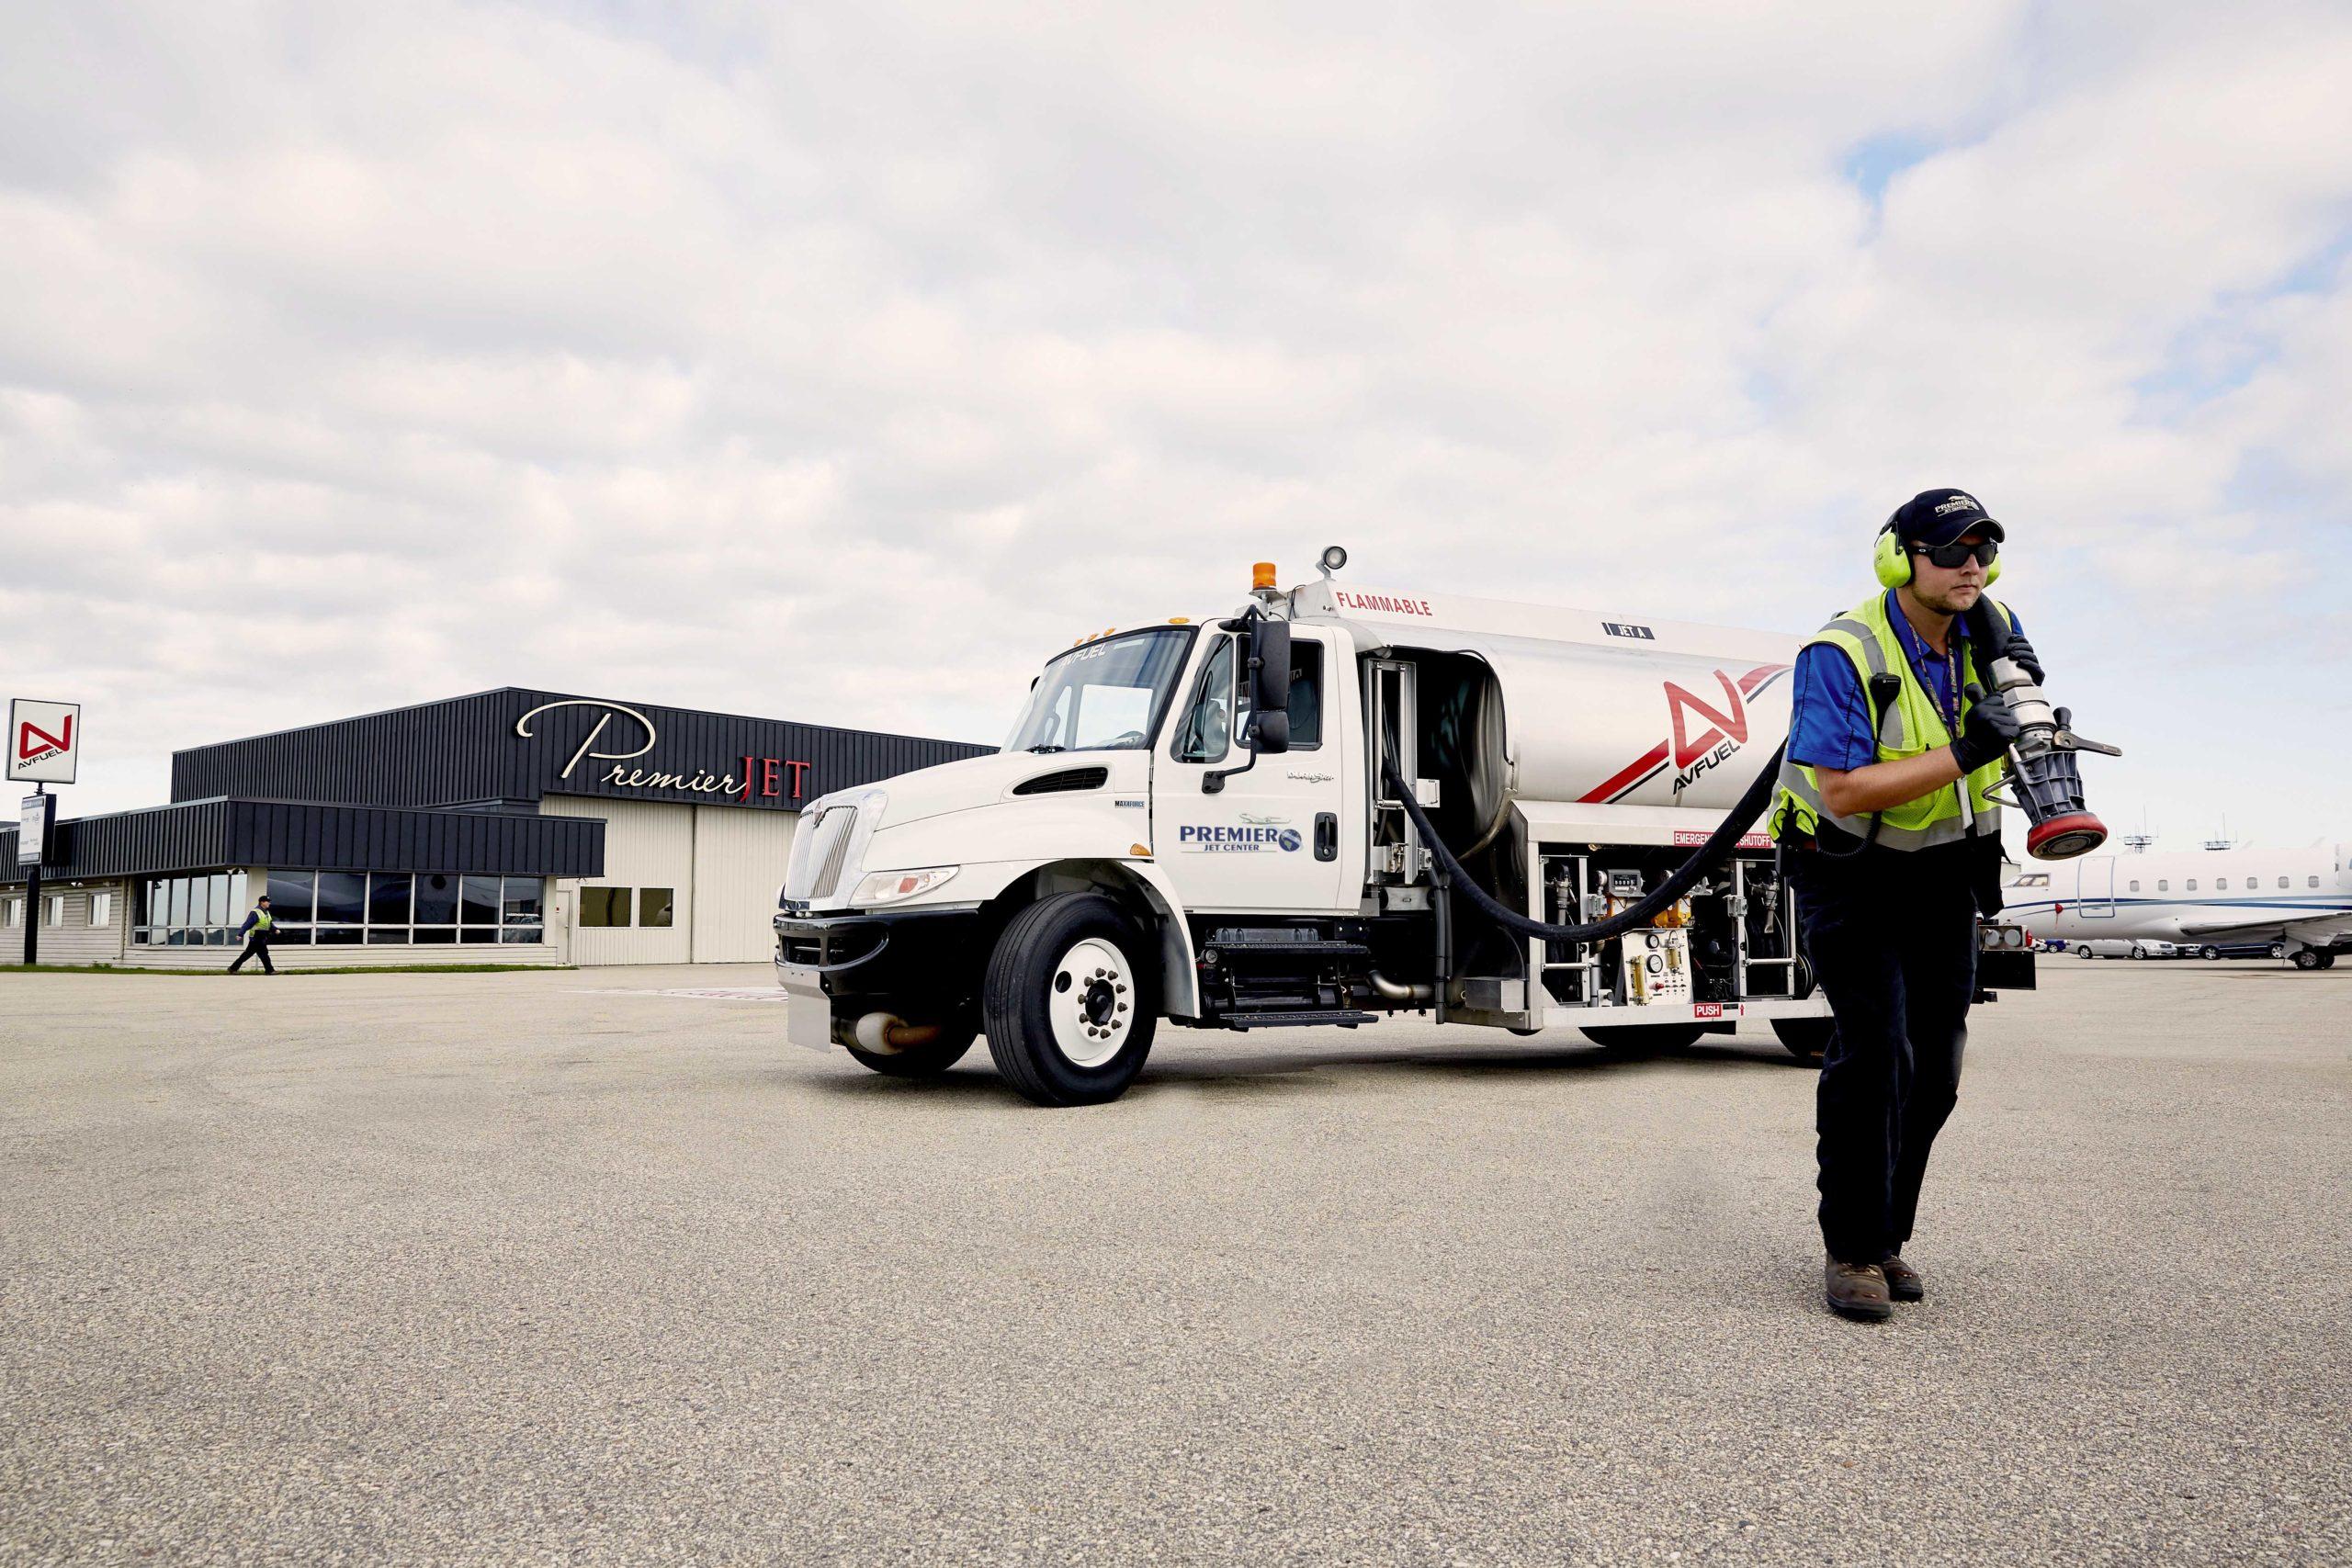 premier-jet-center-ramp-fueling